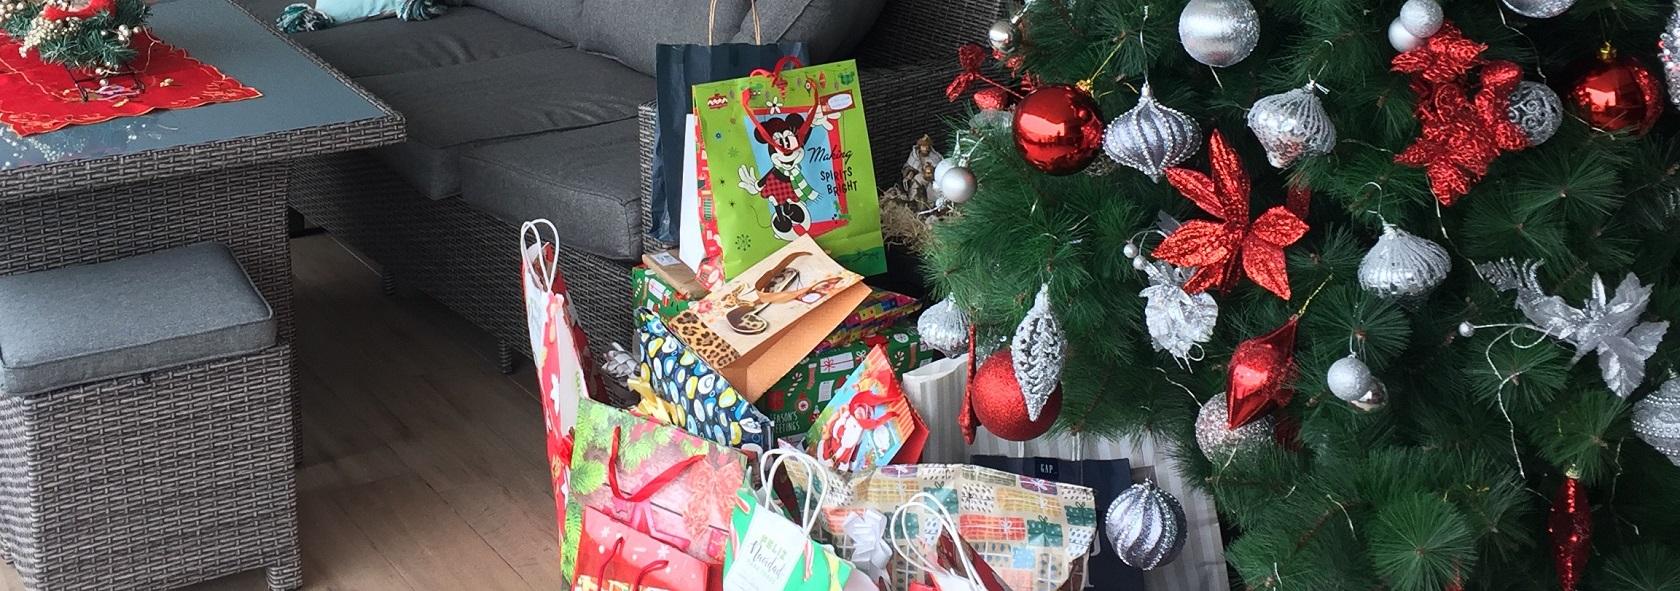 Chile Tree Christmas Navidad Traditions Gifts